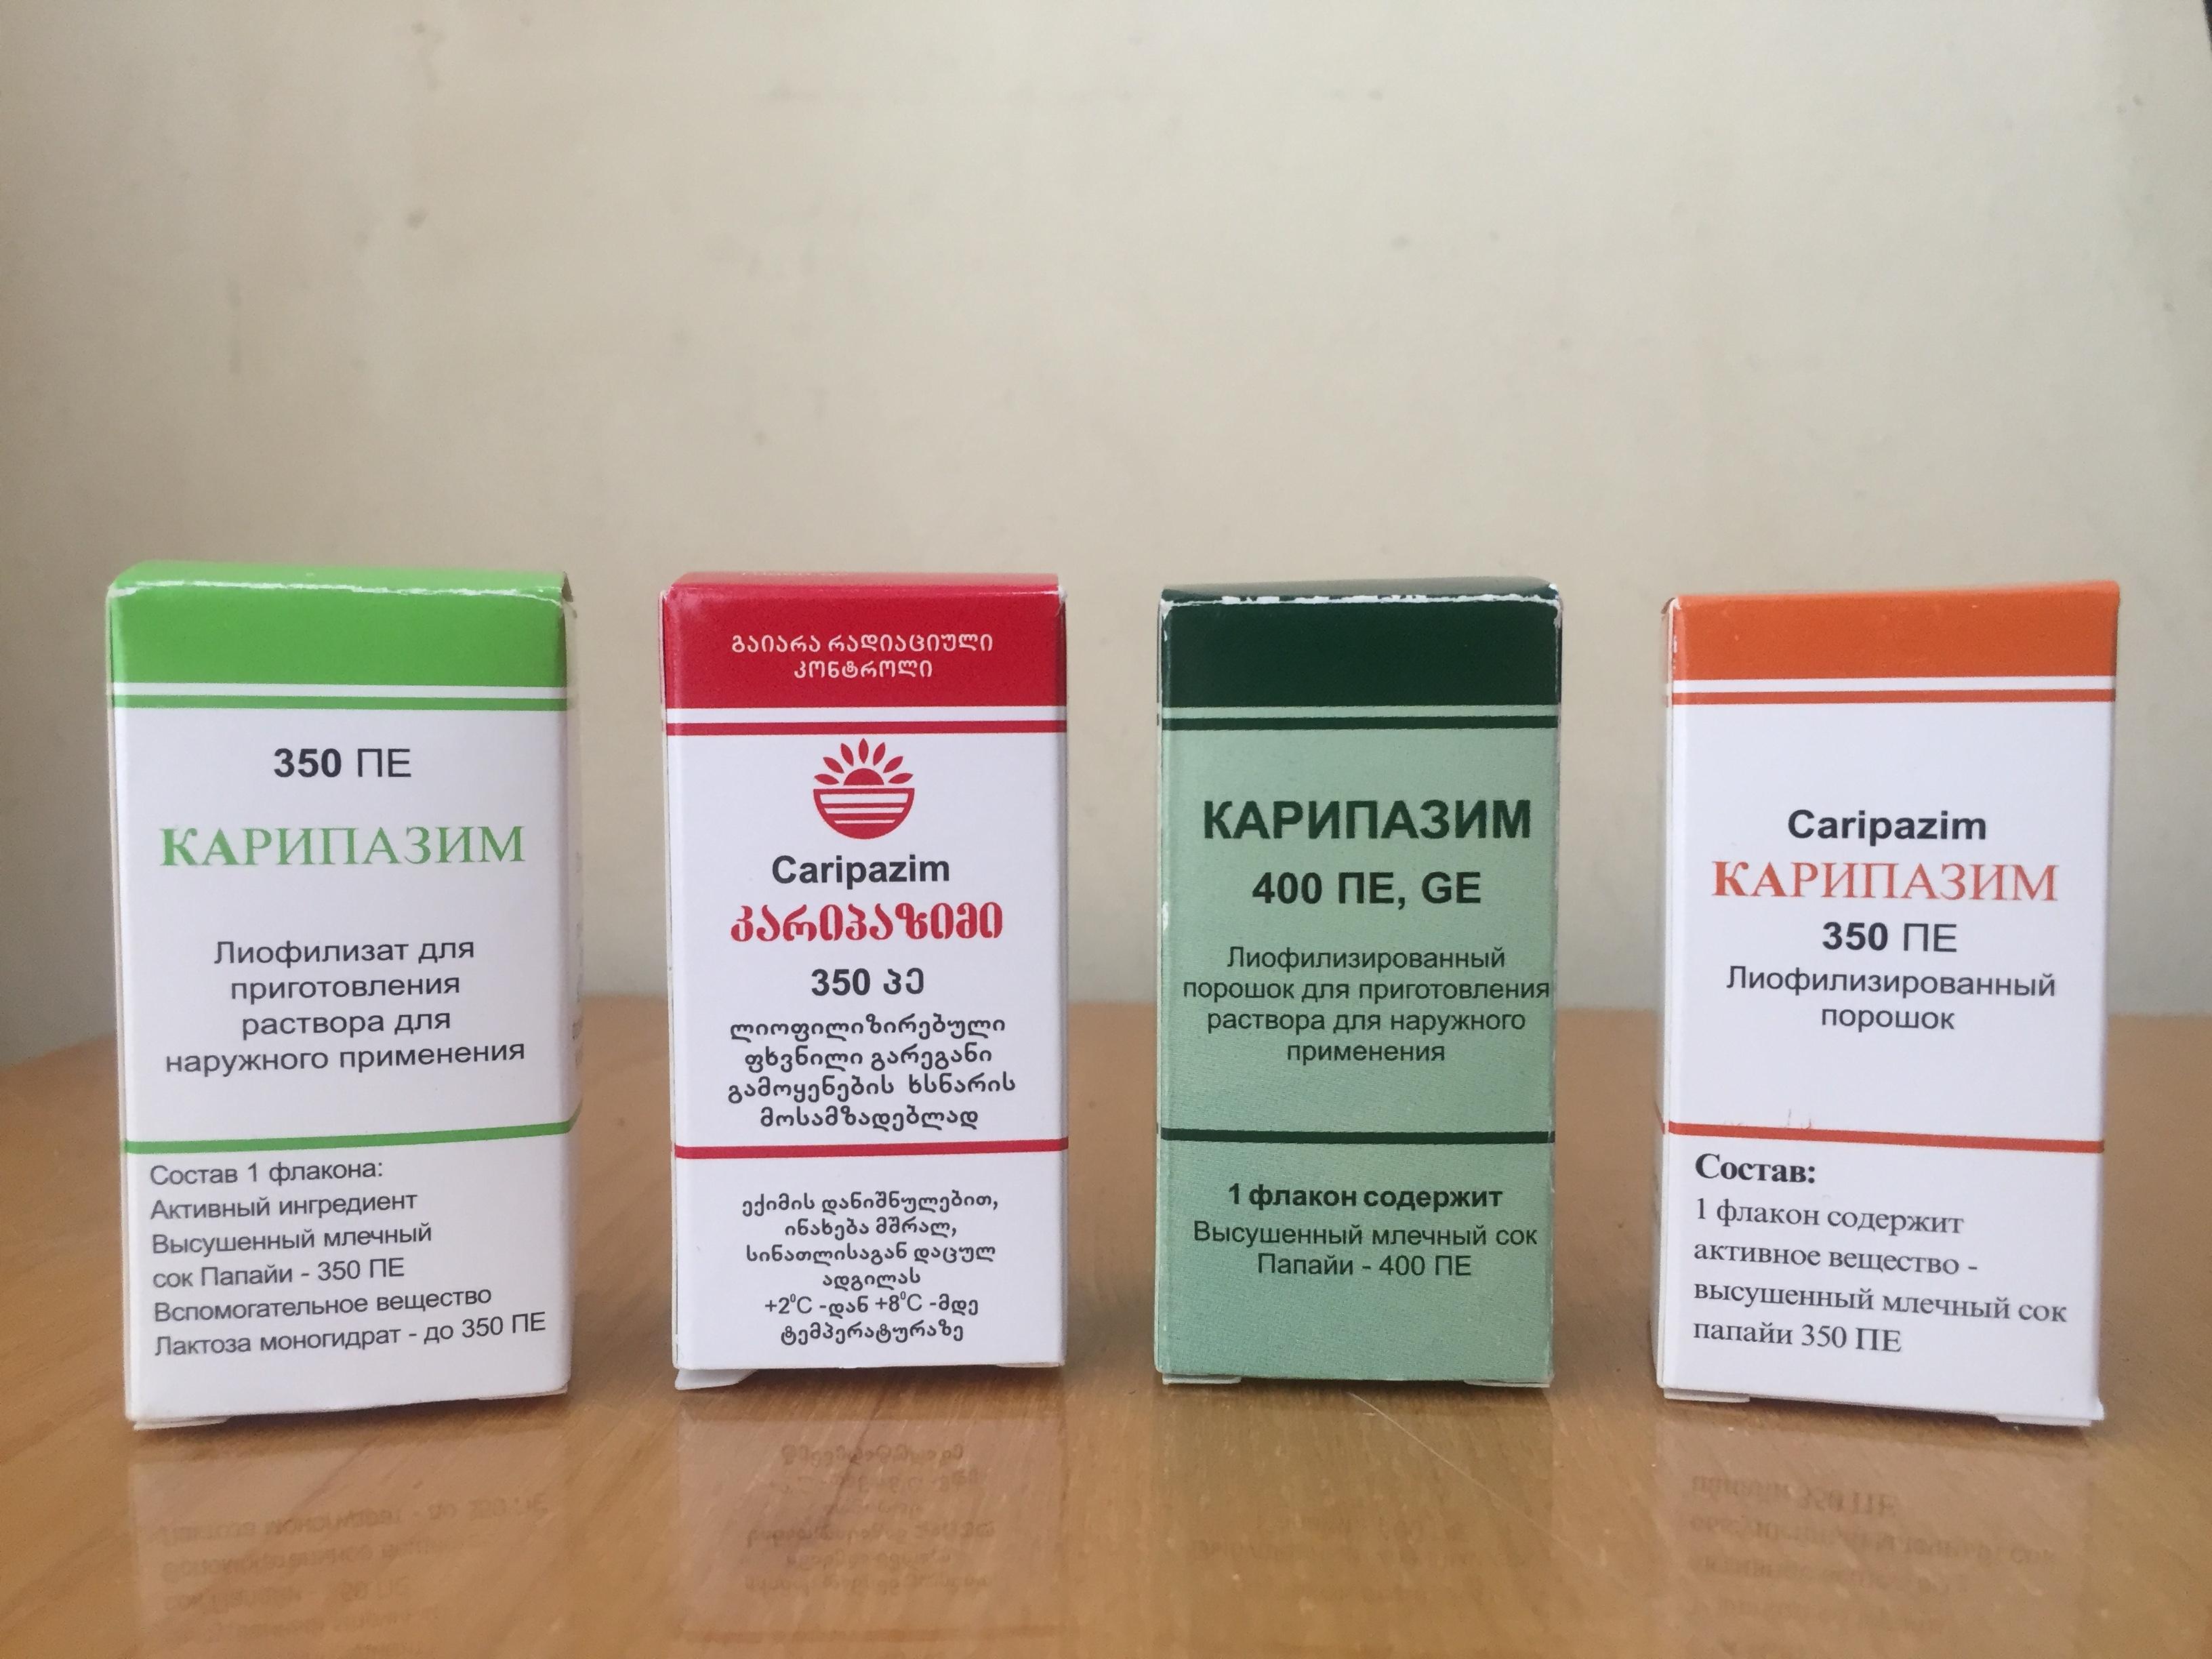 Caripazim® - Azerbaijan